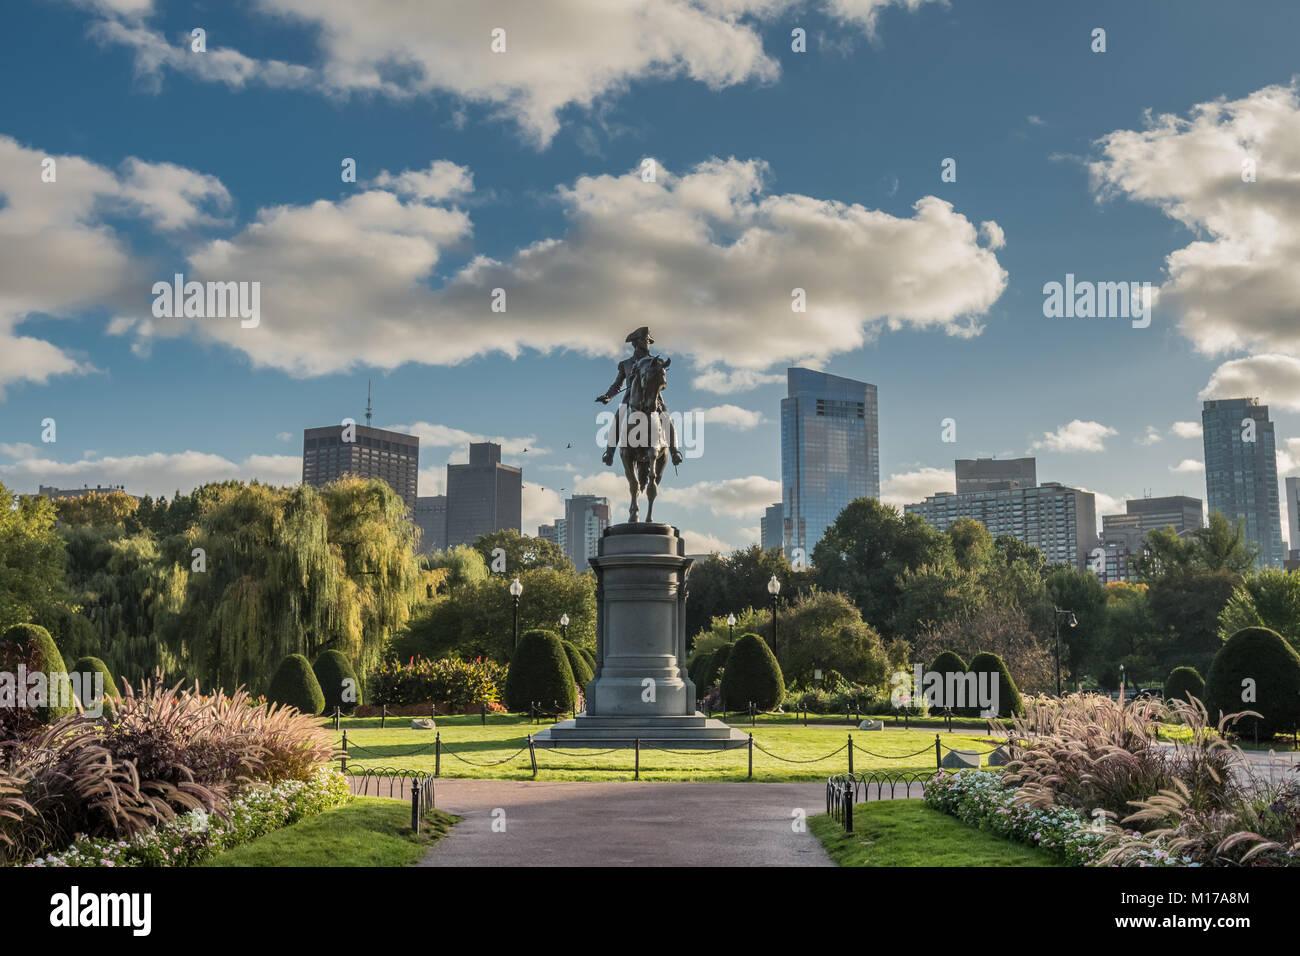 Boston, United States: October 13, 2017: Washington Statue and Boston Skyline - Stock Image